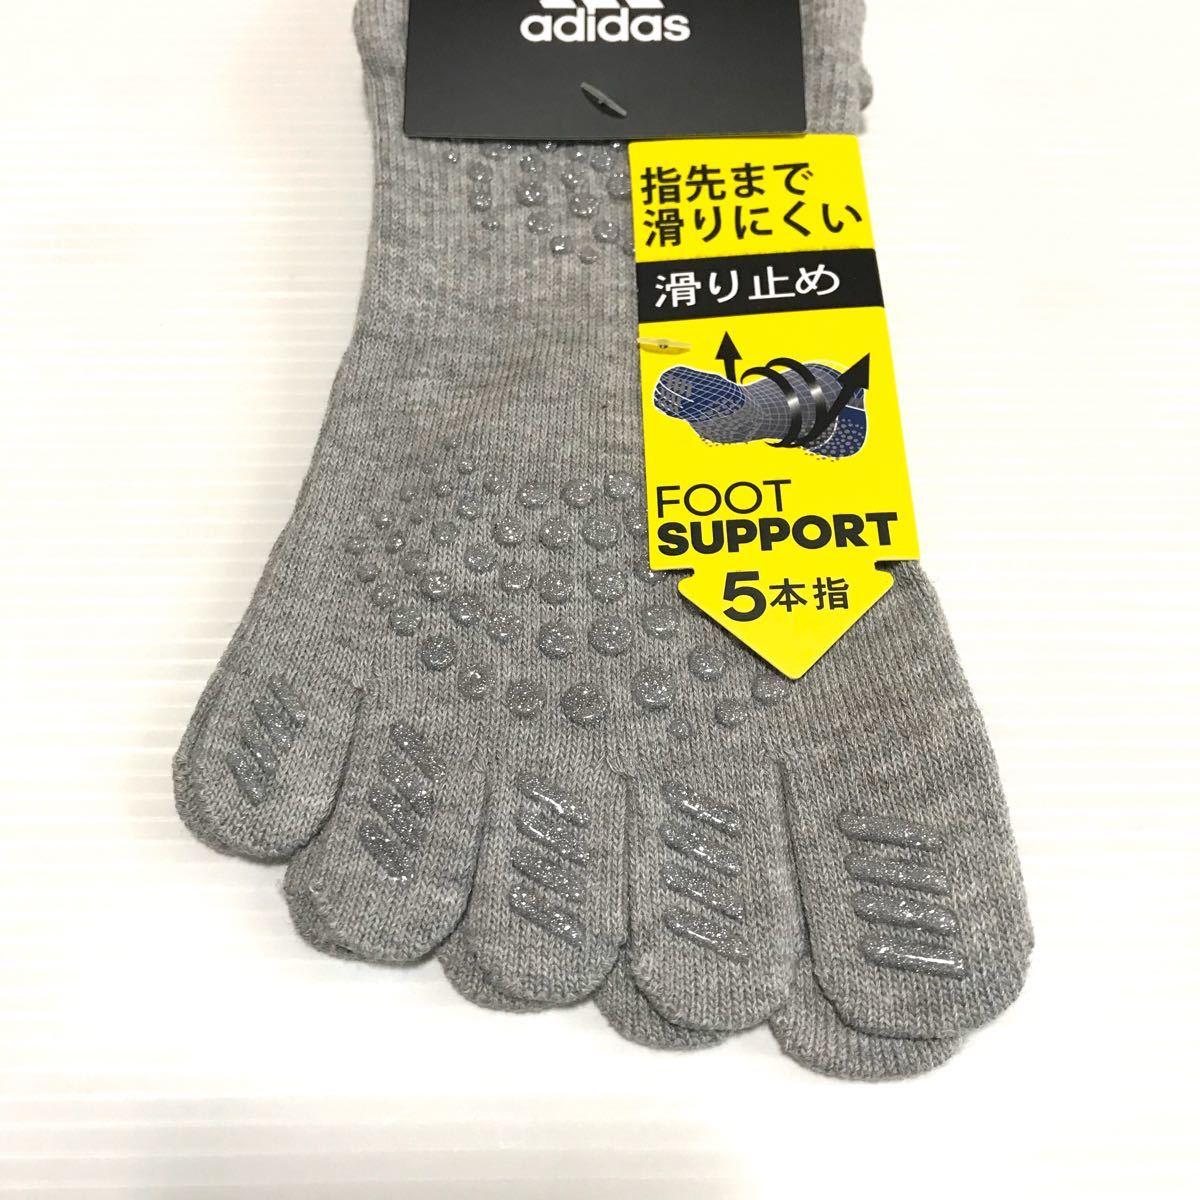 メンズ【アディダス×福助】五本指ソックス 滑り止め付き 2足セット